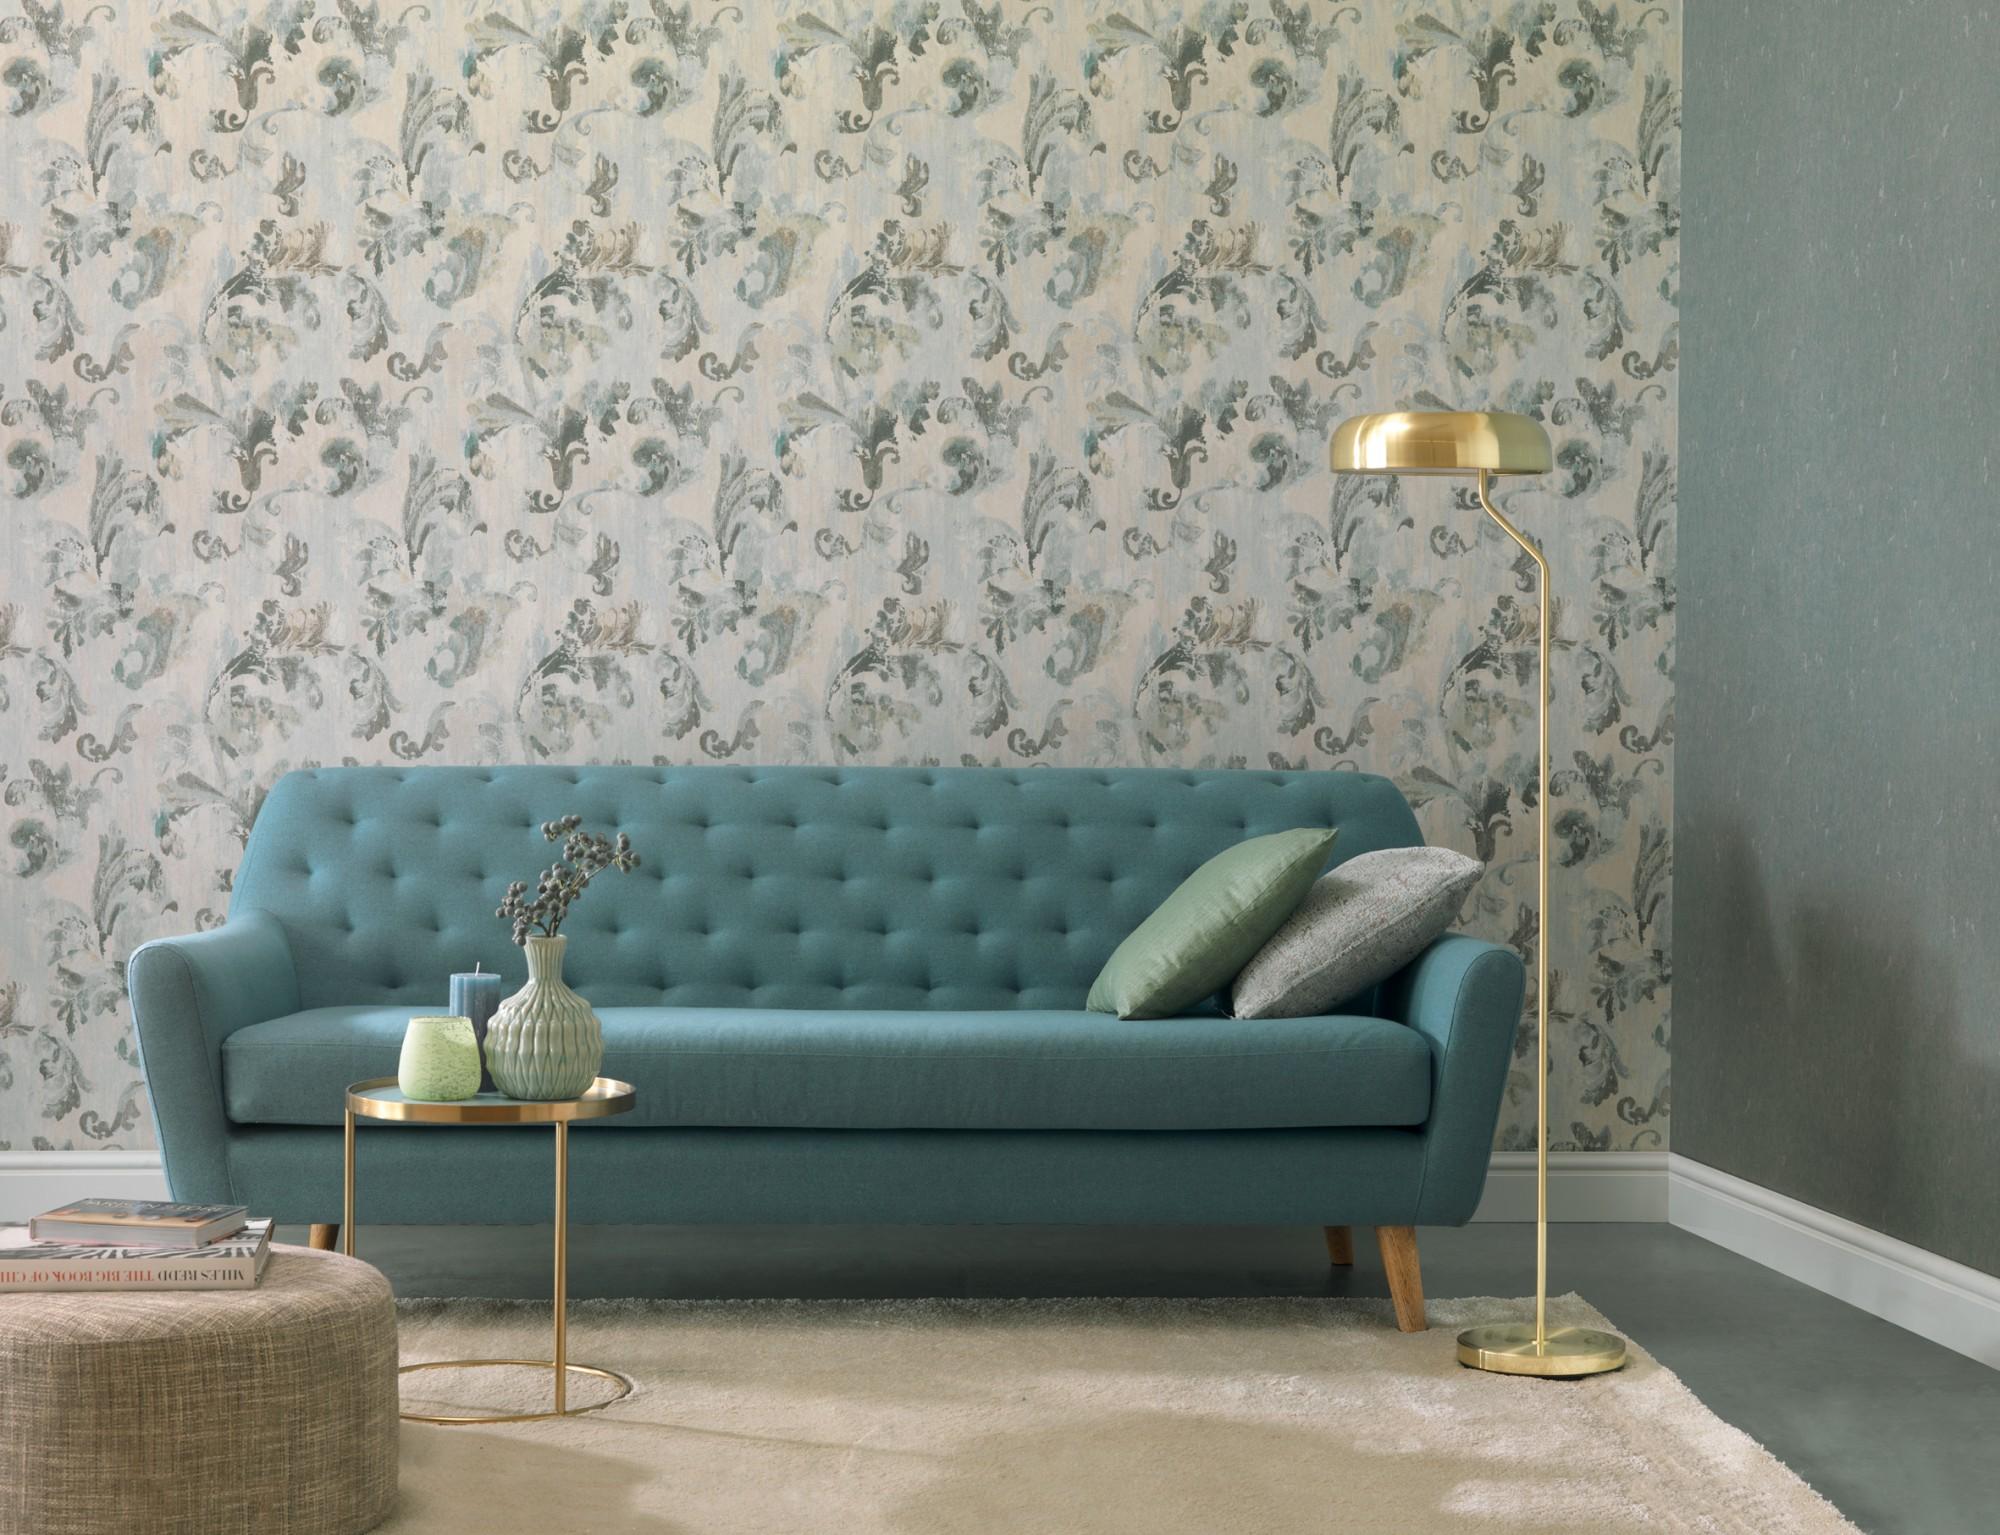 Textil Tapeten Verarbeiten : Rasch Textil Tapete Tintura Floral grau t?rkis 227054